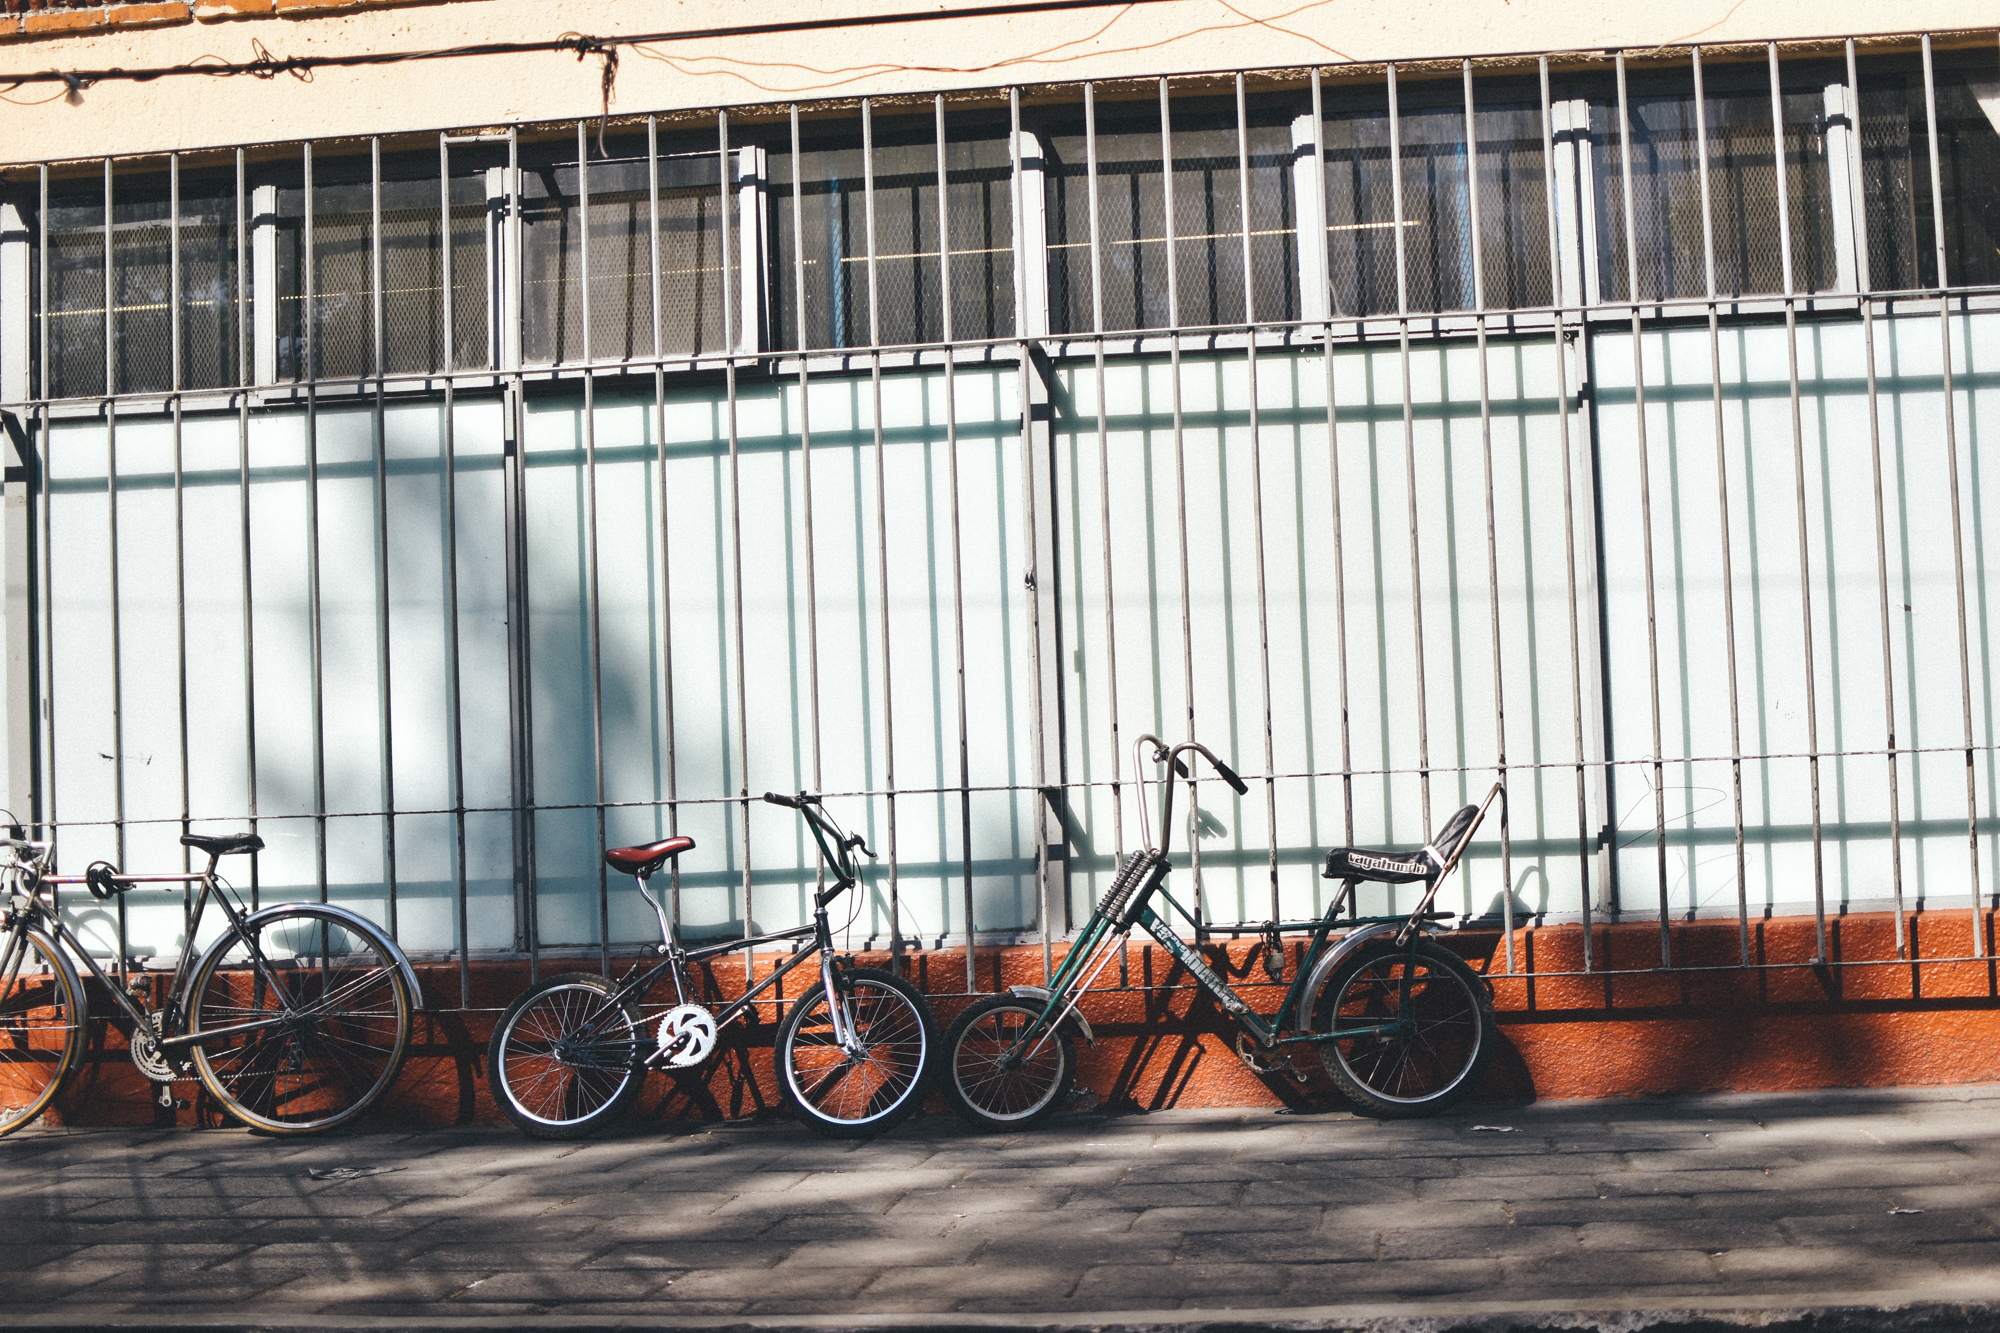 Kyle Studstill_photojournal_travel_Mexico City-48.jpg